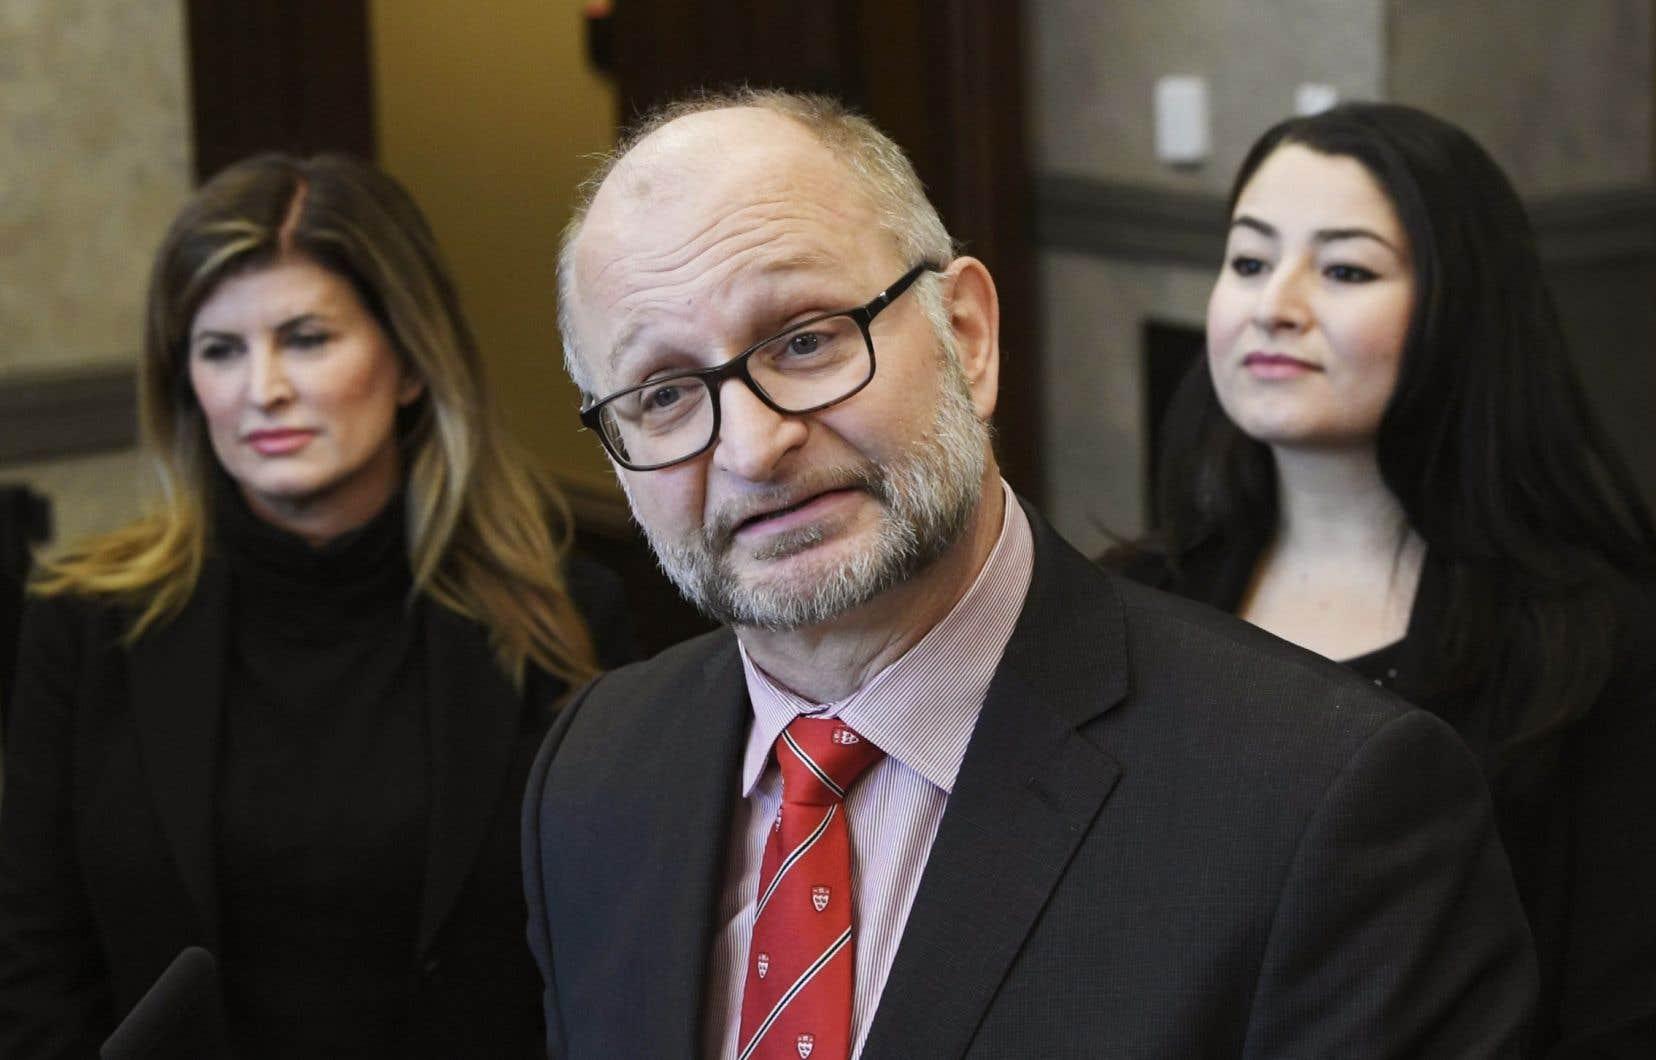 Rona Ambrose a fait le voyage jusqu'à Ottawa pour être aux côtés du ministre de la Justice, David Lamettiet sommer tous les députés et sénateurs d'adopter cette seconde version de son propre projet de loi privé C-337.